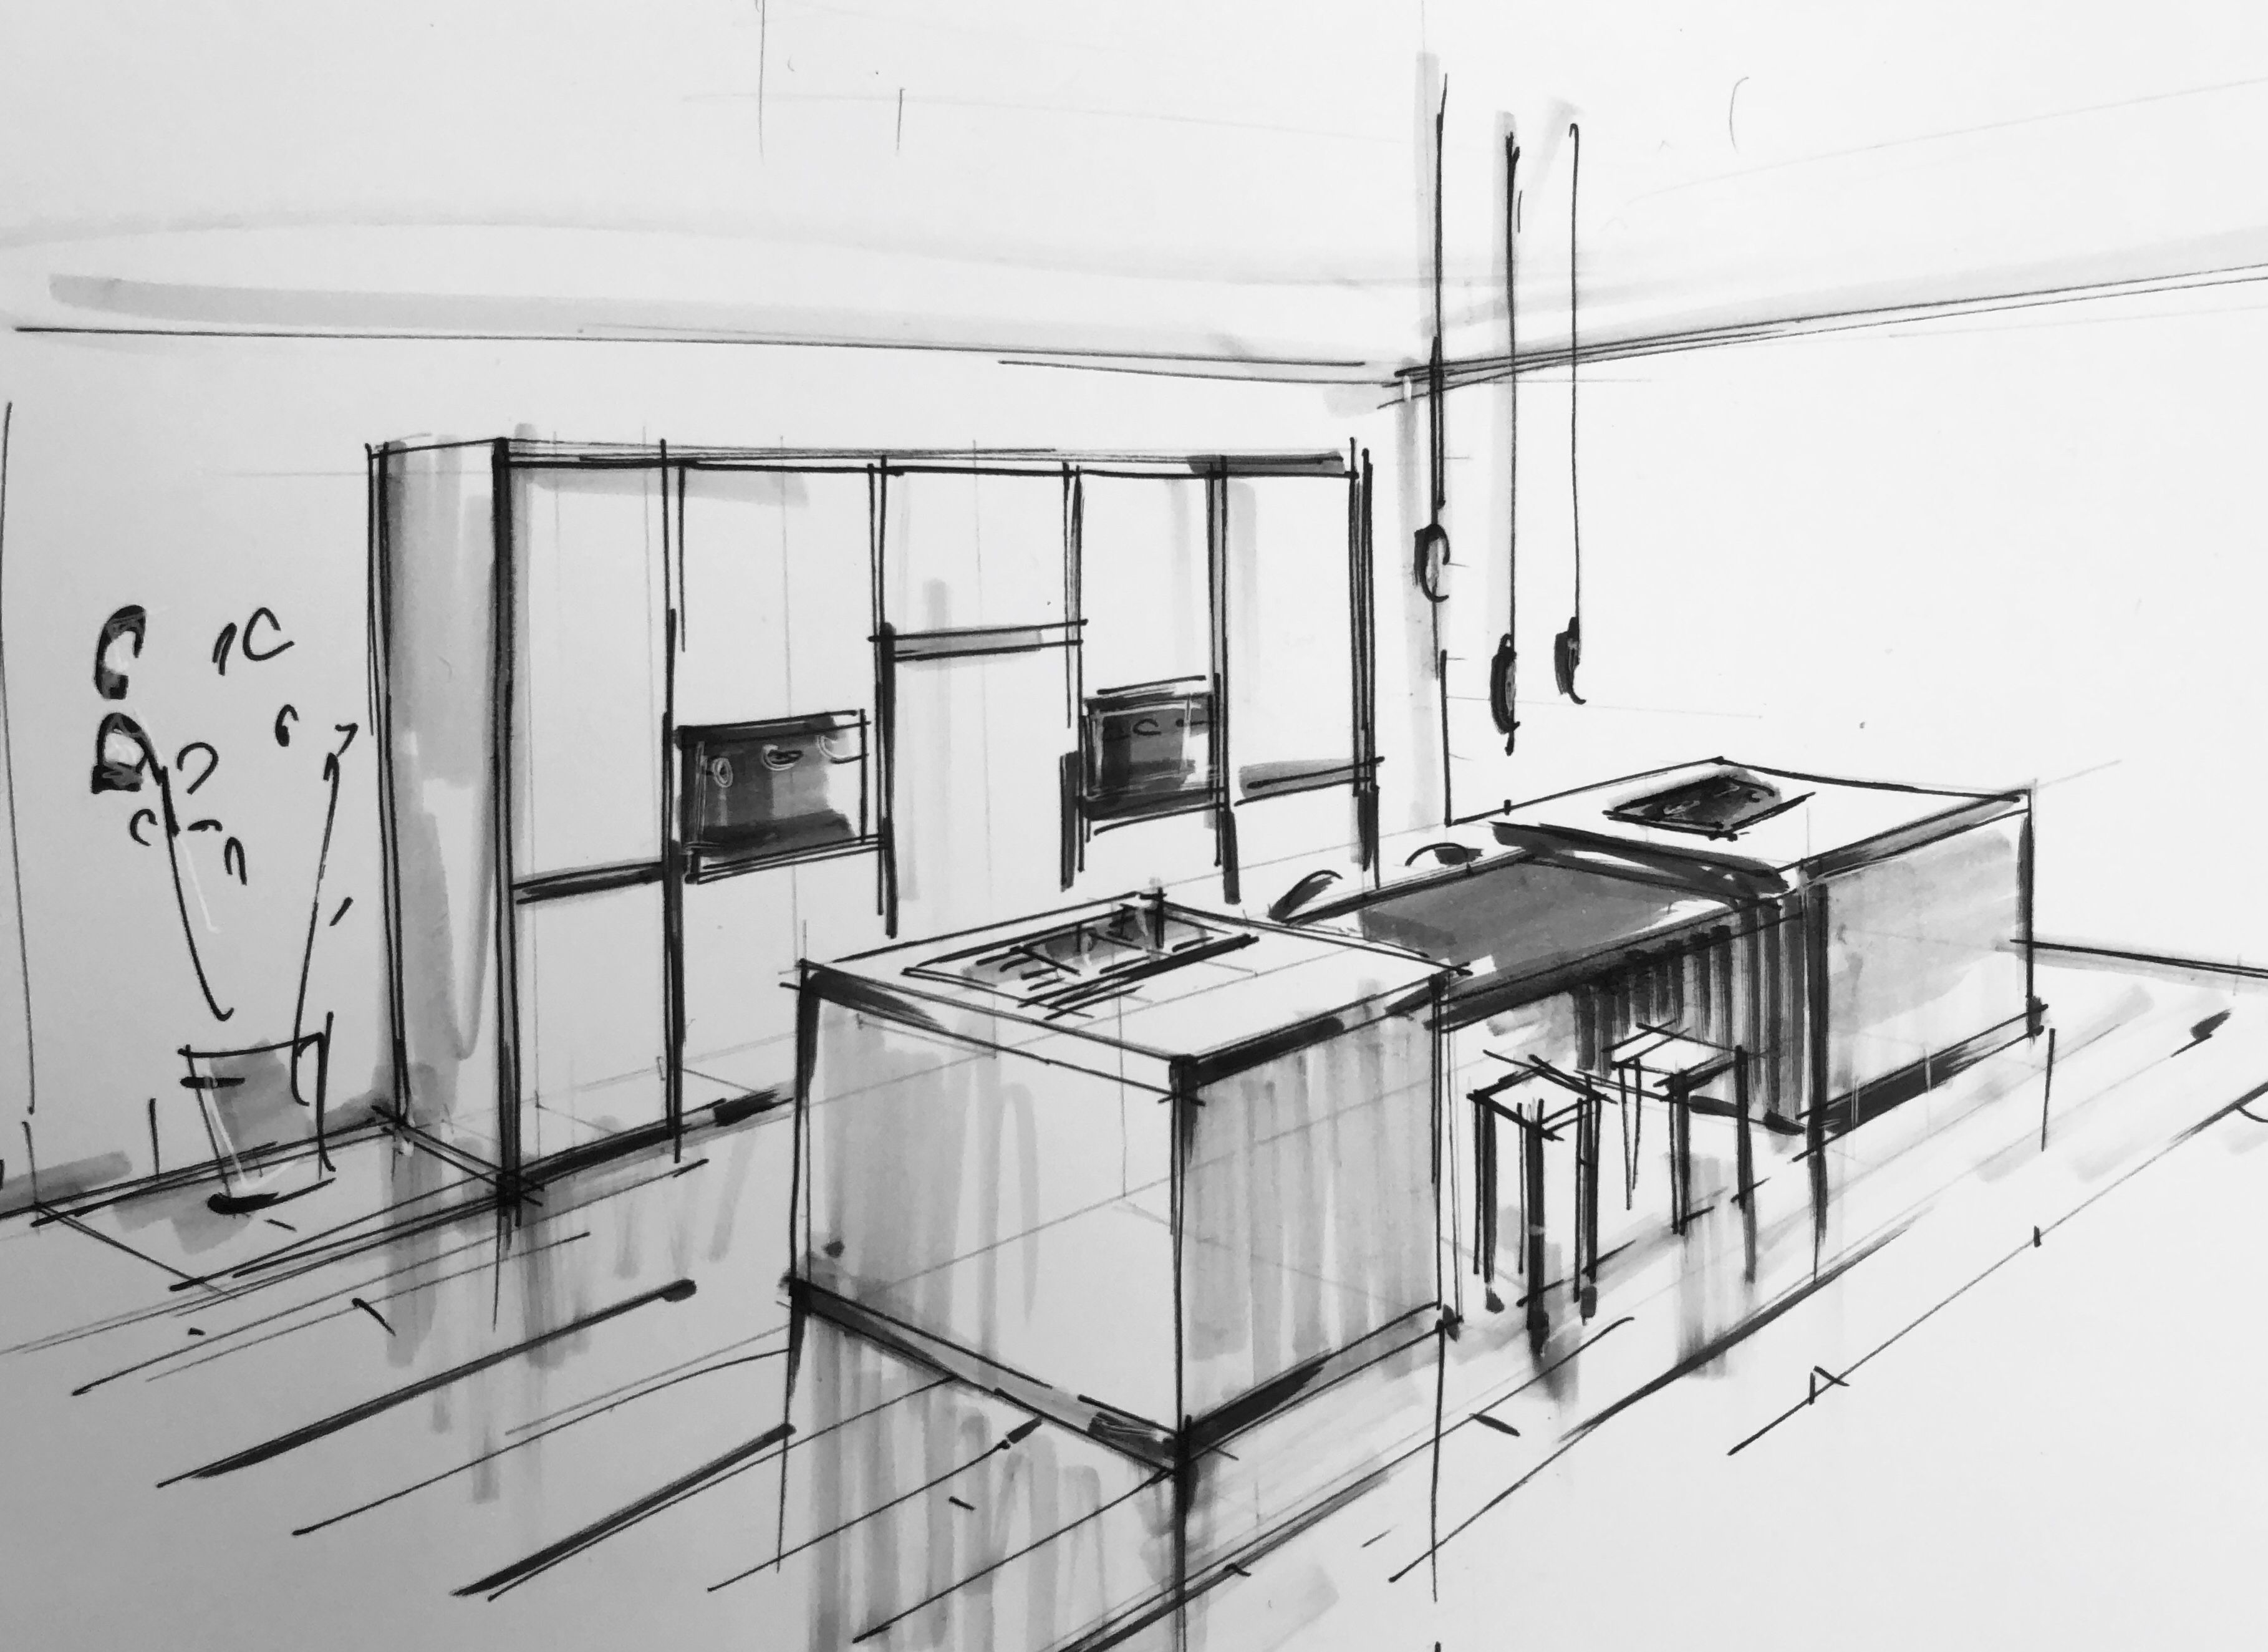 Croquis A La Main Cuisine Moderne Dessin Architecture Croquis En Perspective Architecture